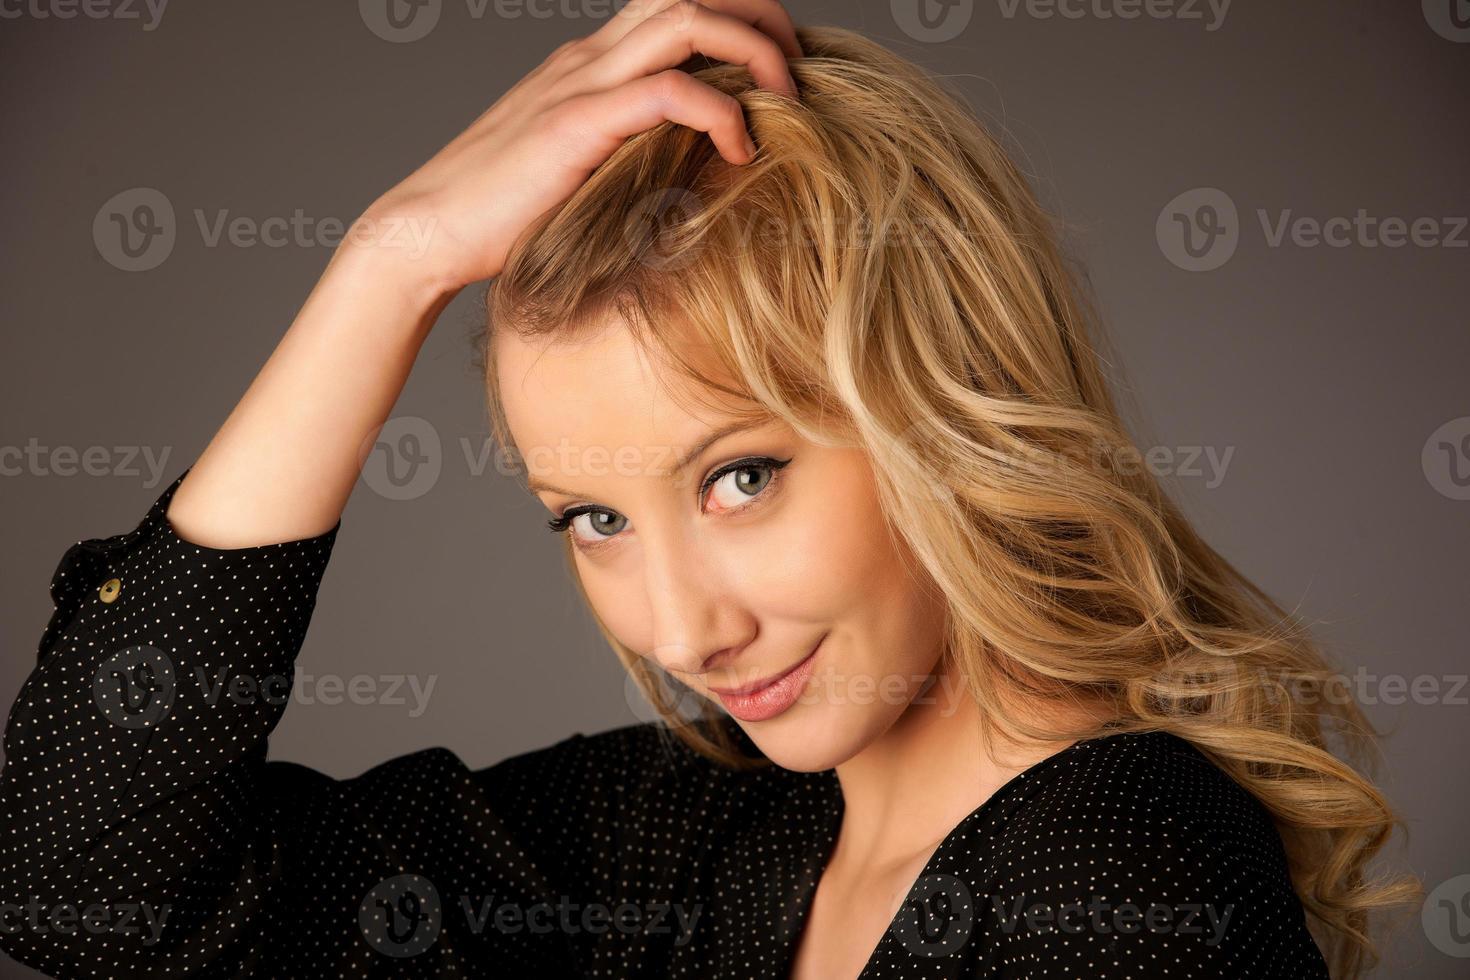 portretbeeld van een mooie jonge Kaukasische vrouw foto